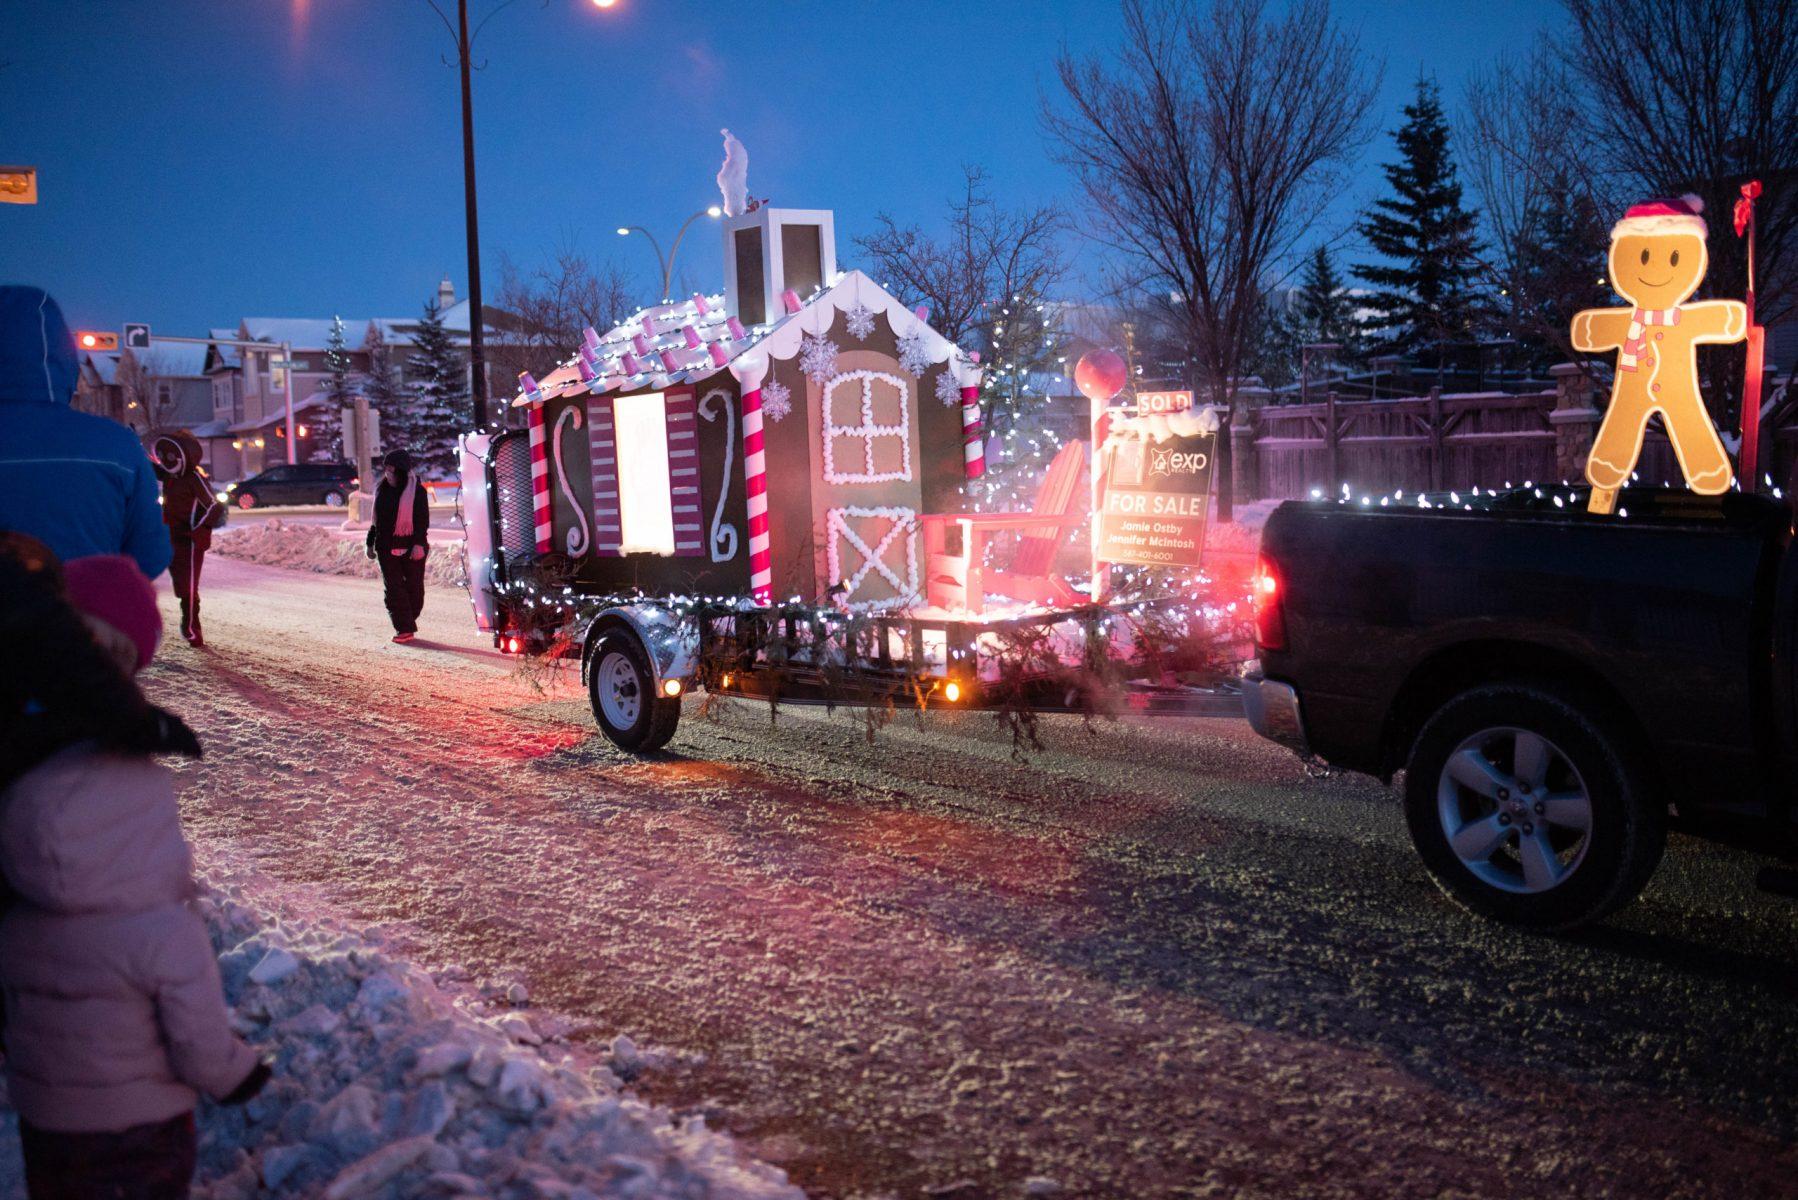 Auburn-Bay-Christmas-Parade-2019-57-scaled